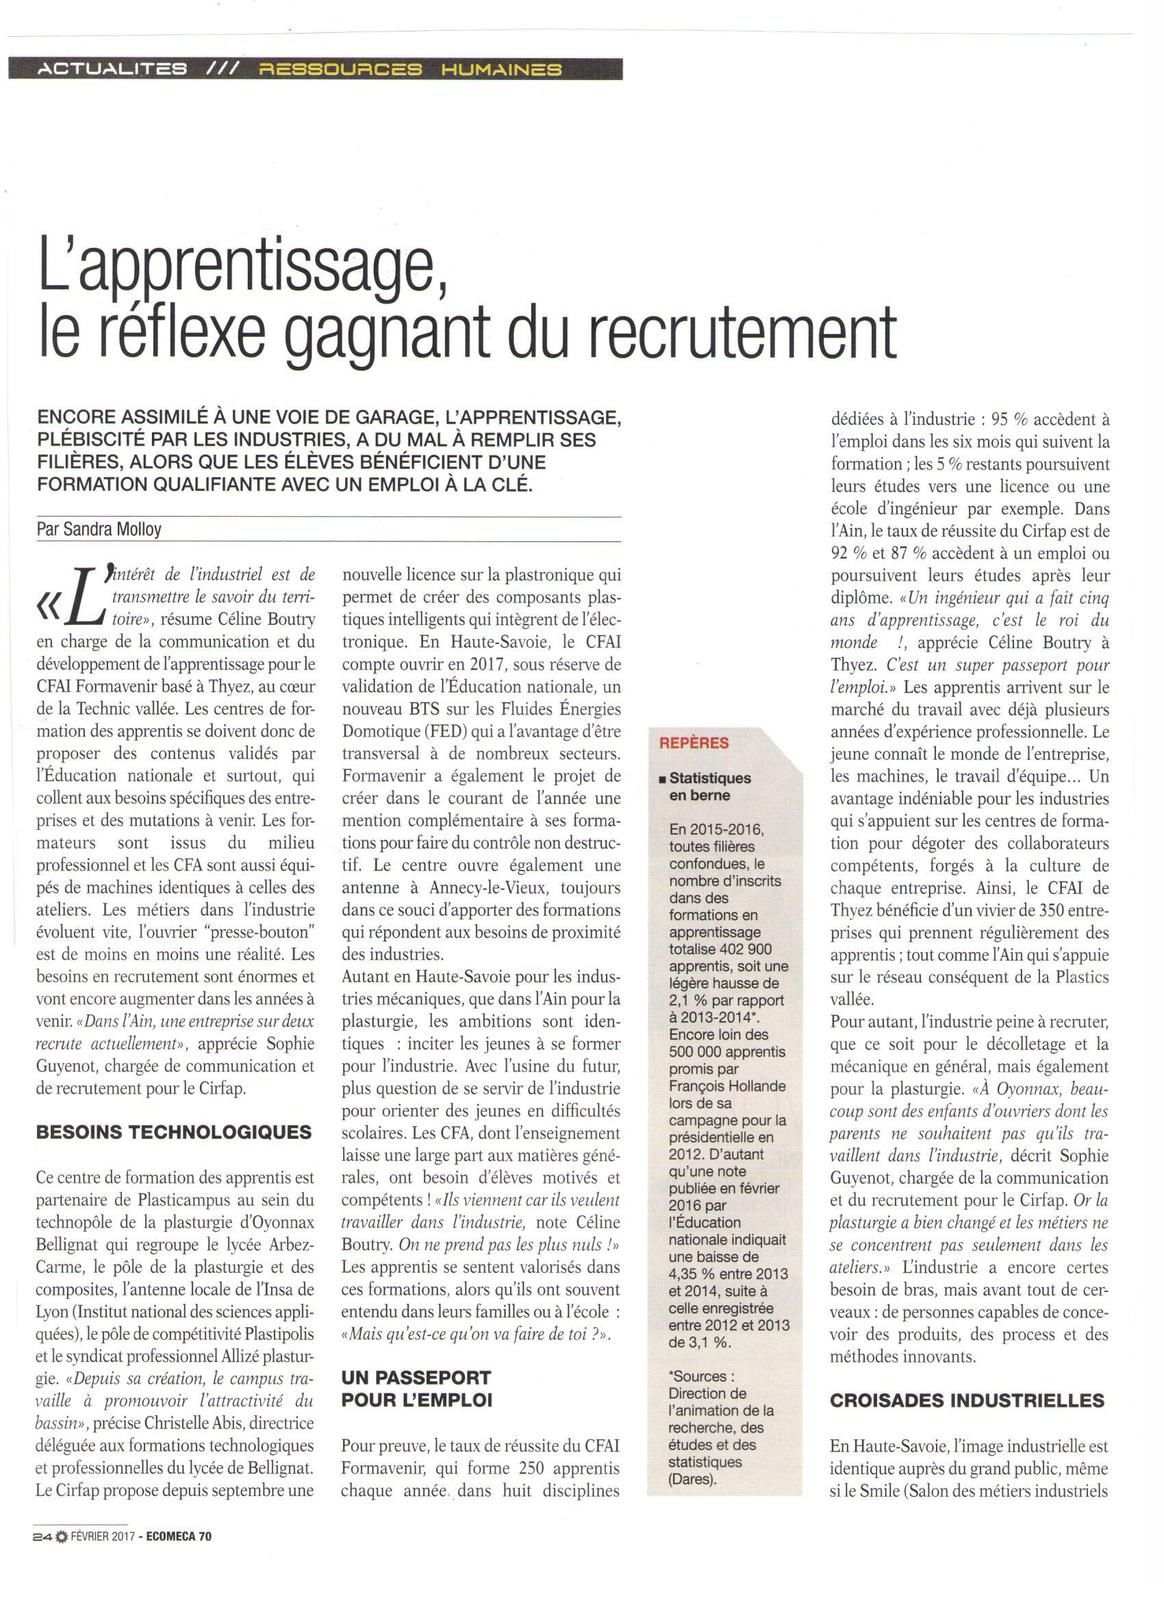 Vu et lu dans Le Monde du 31 août 2017, Ecomeca de février 2017, et Cnewsmatin du 06 septembre 2017